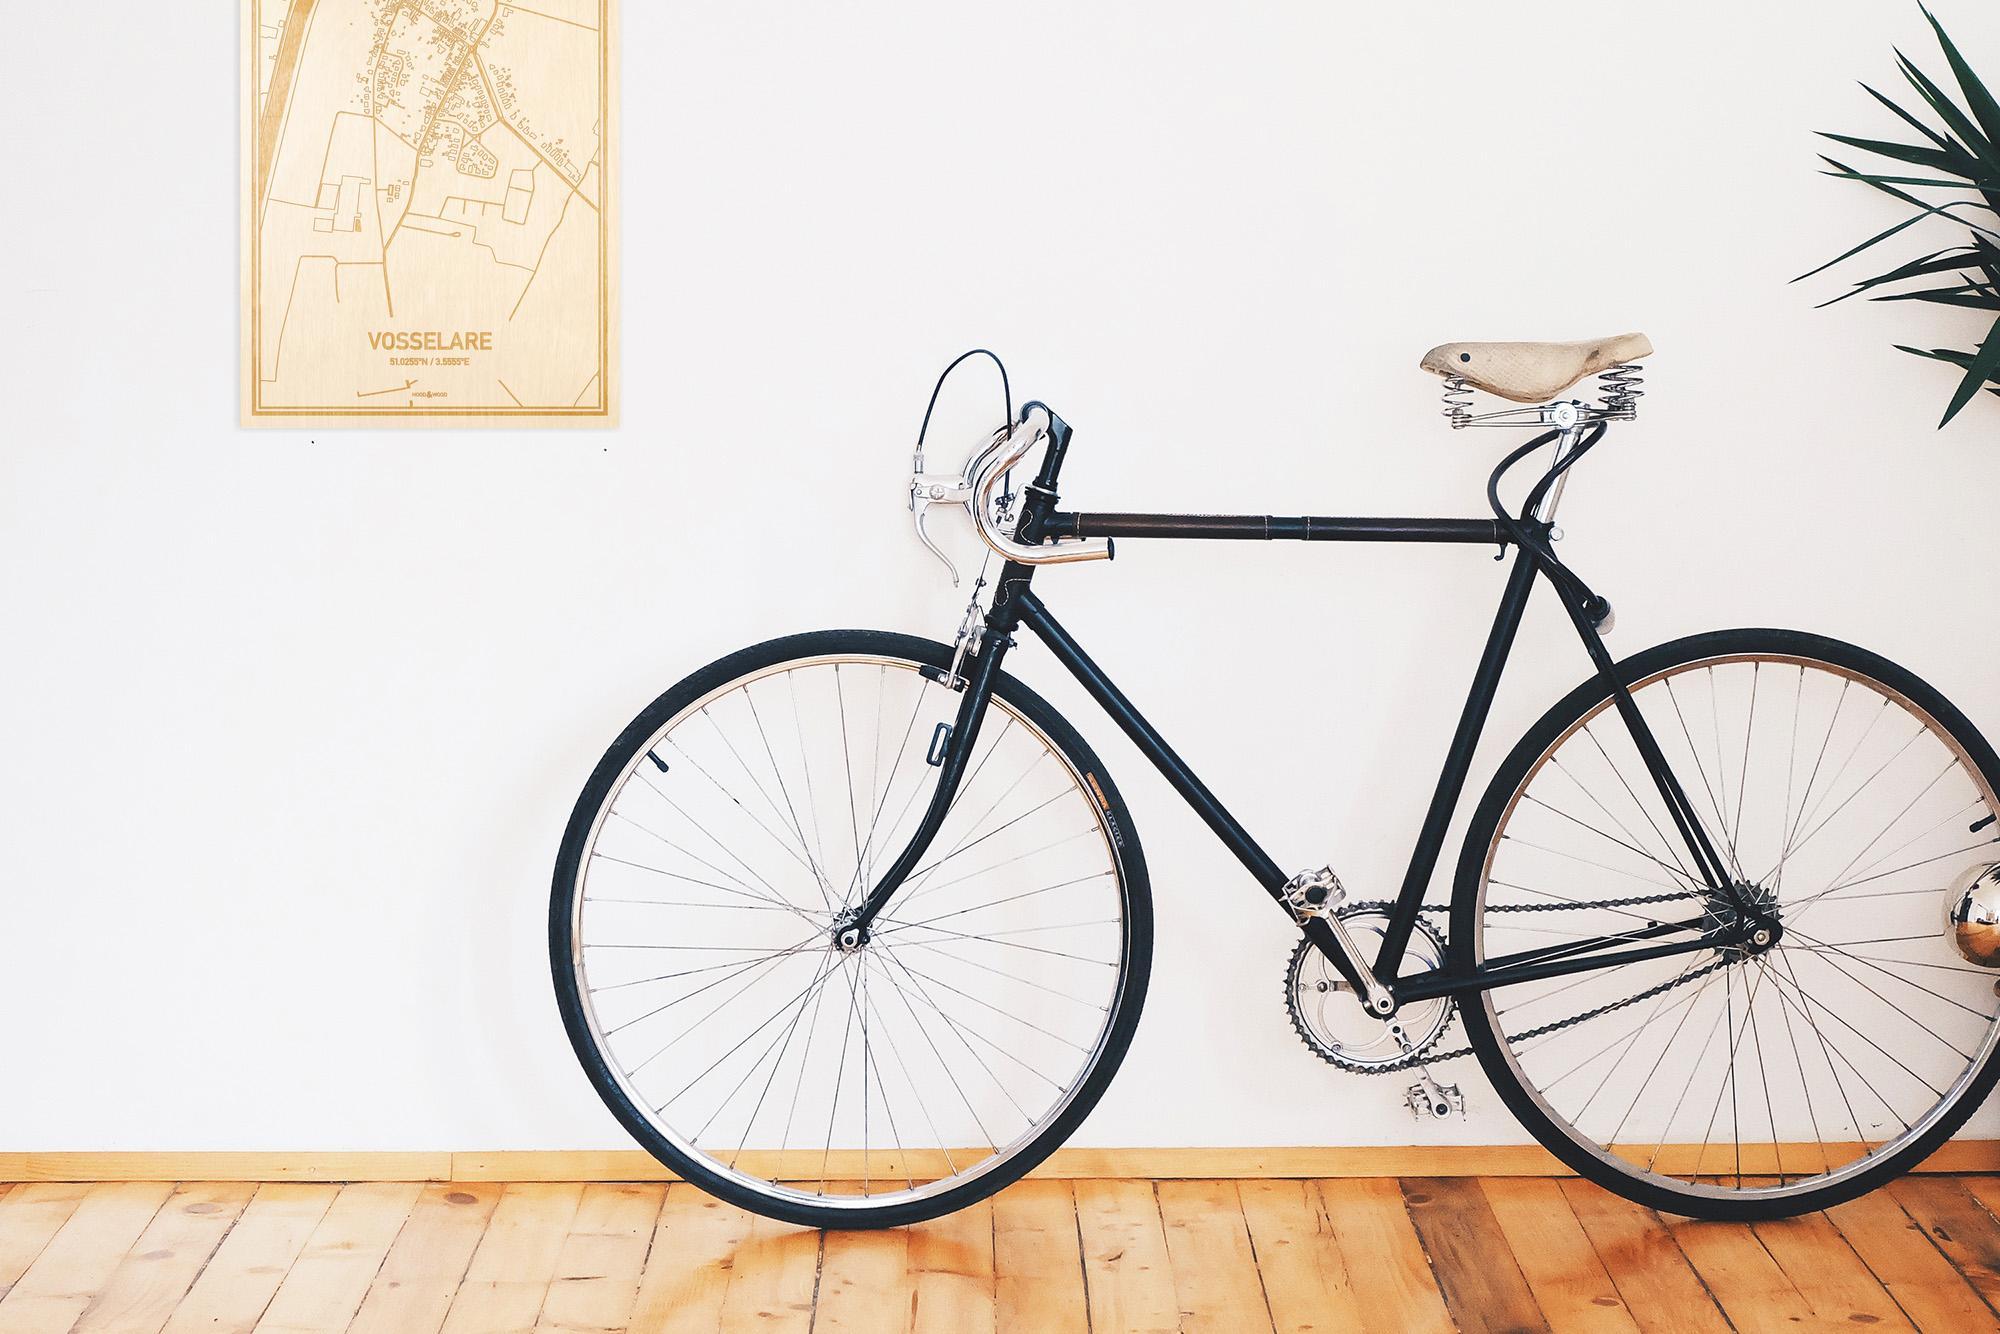 Een snelle fiets in een uniek interieur in Oost-Vlaanderen  met mooie decoratie zoals de plattegrond Vosselare.